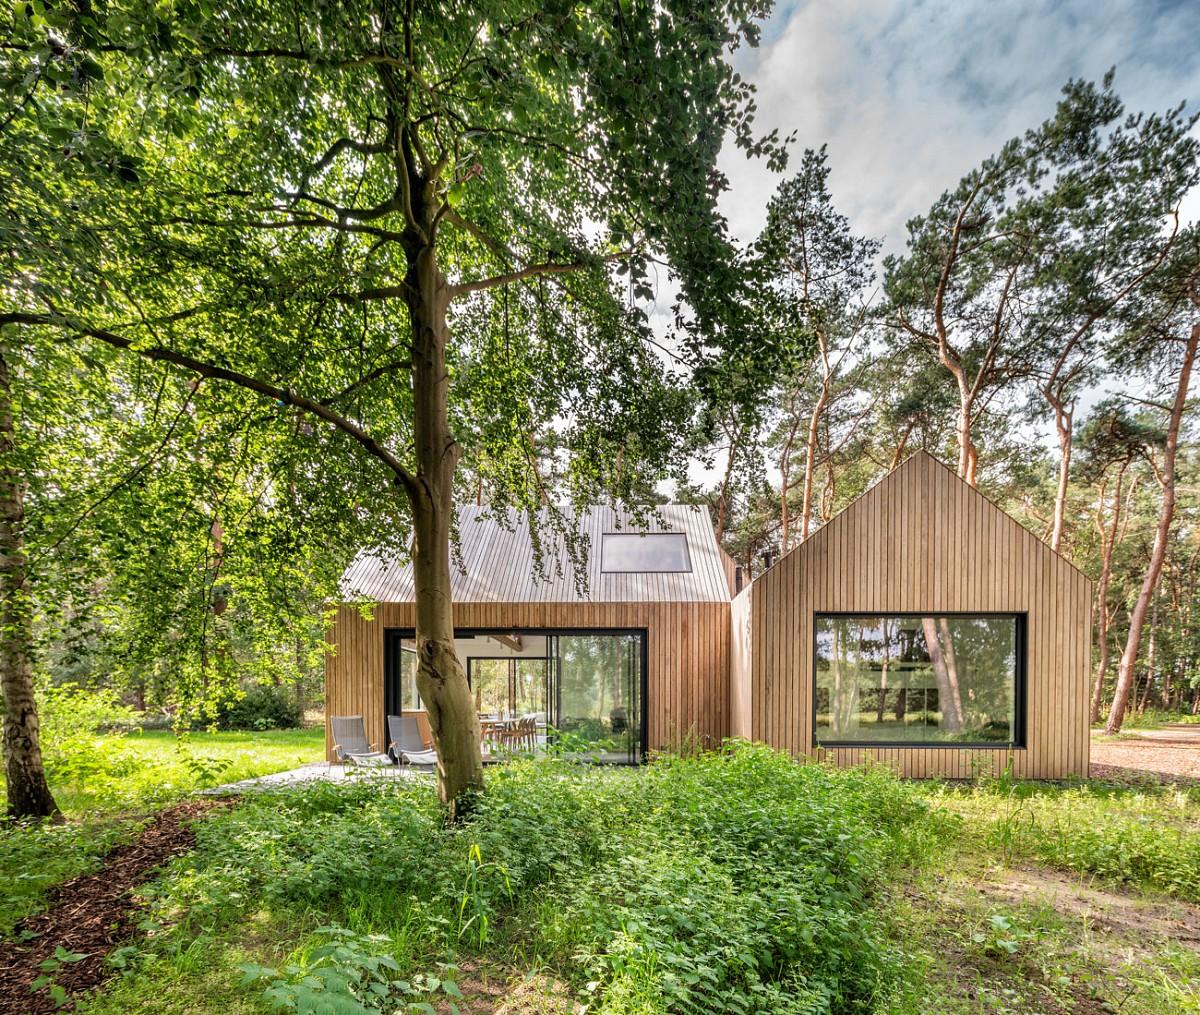 Villa in Tonden, Niederlande © Naturhäuschen.de